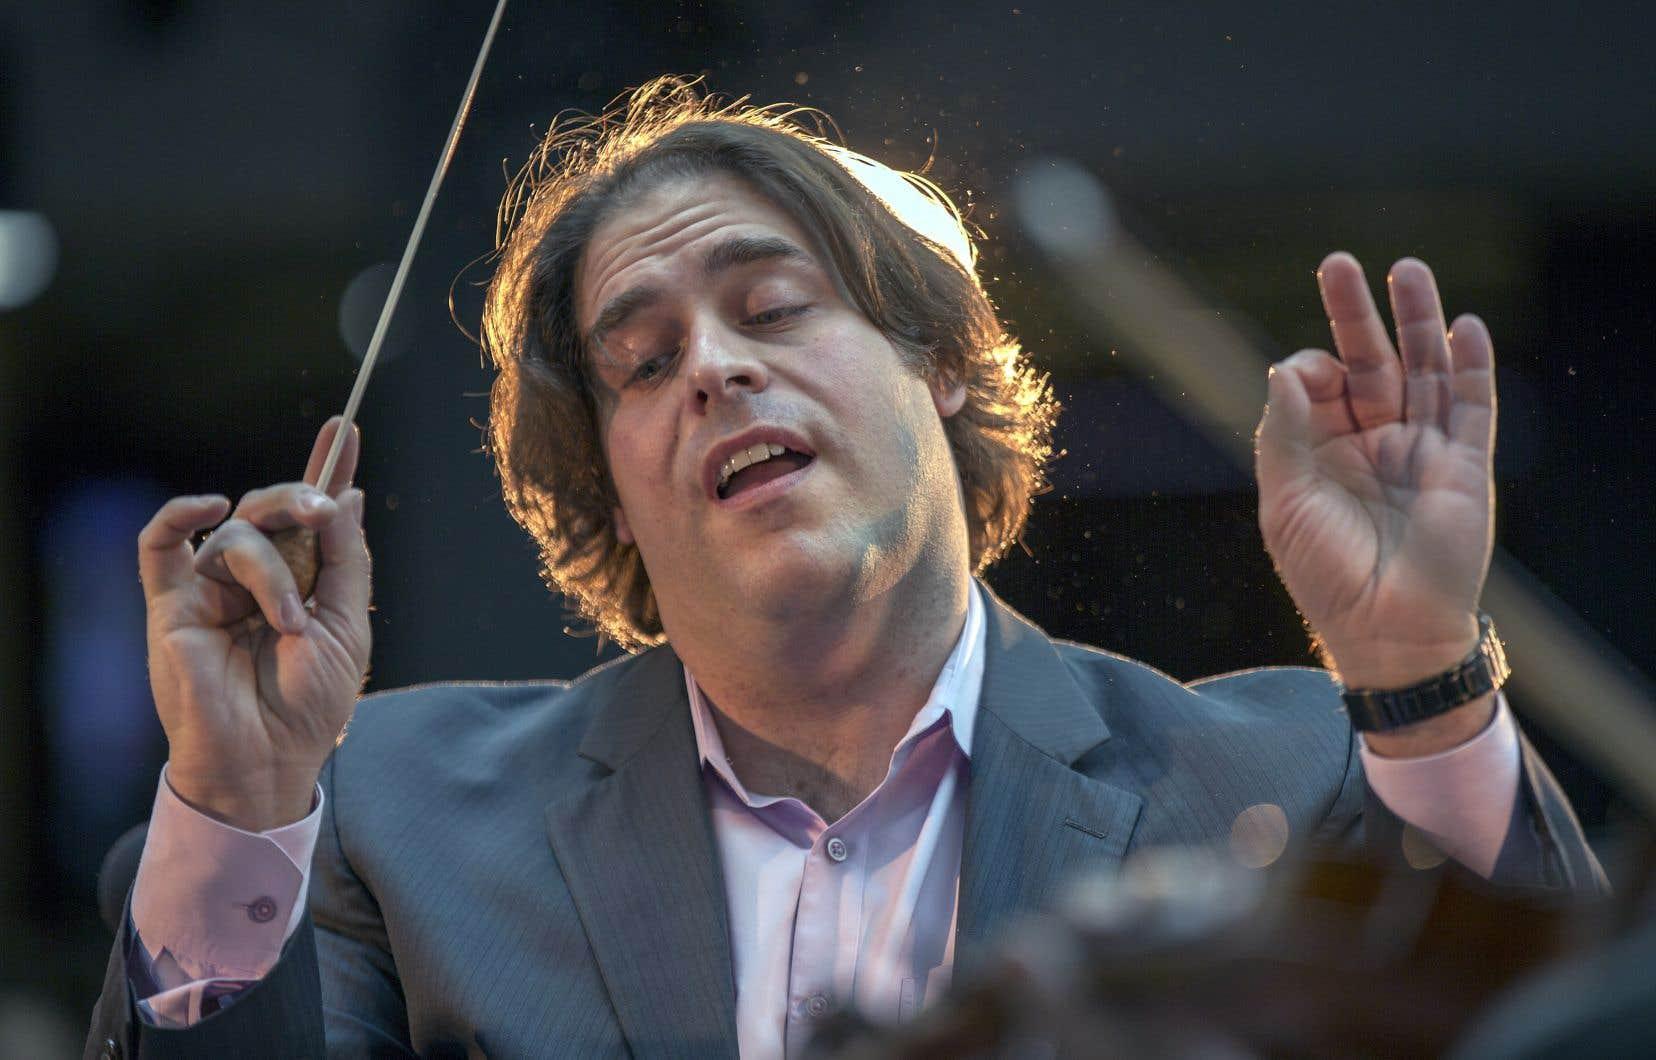 Le chef d'orchestre Jean-Marie Zeitouni et les musiciens d'I Musici ont pris des risques et s'en sont bien tirés, dimanche.